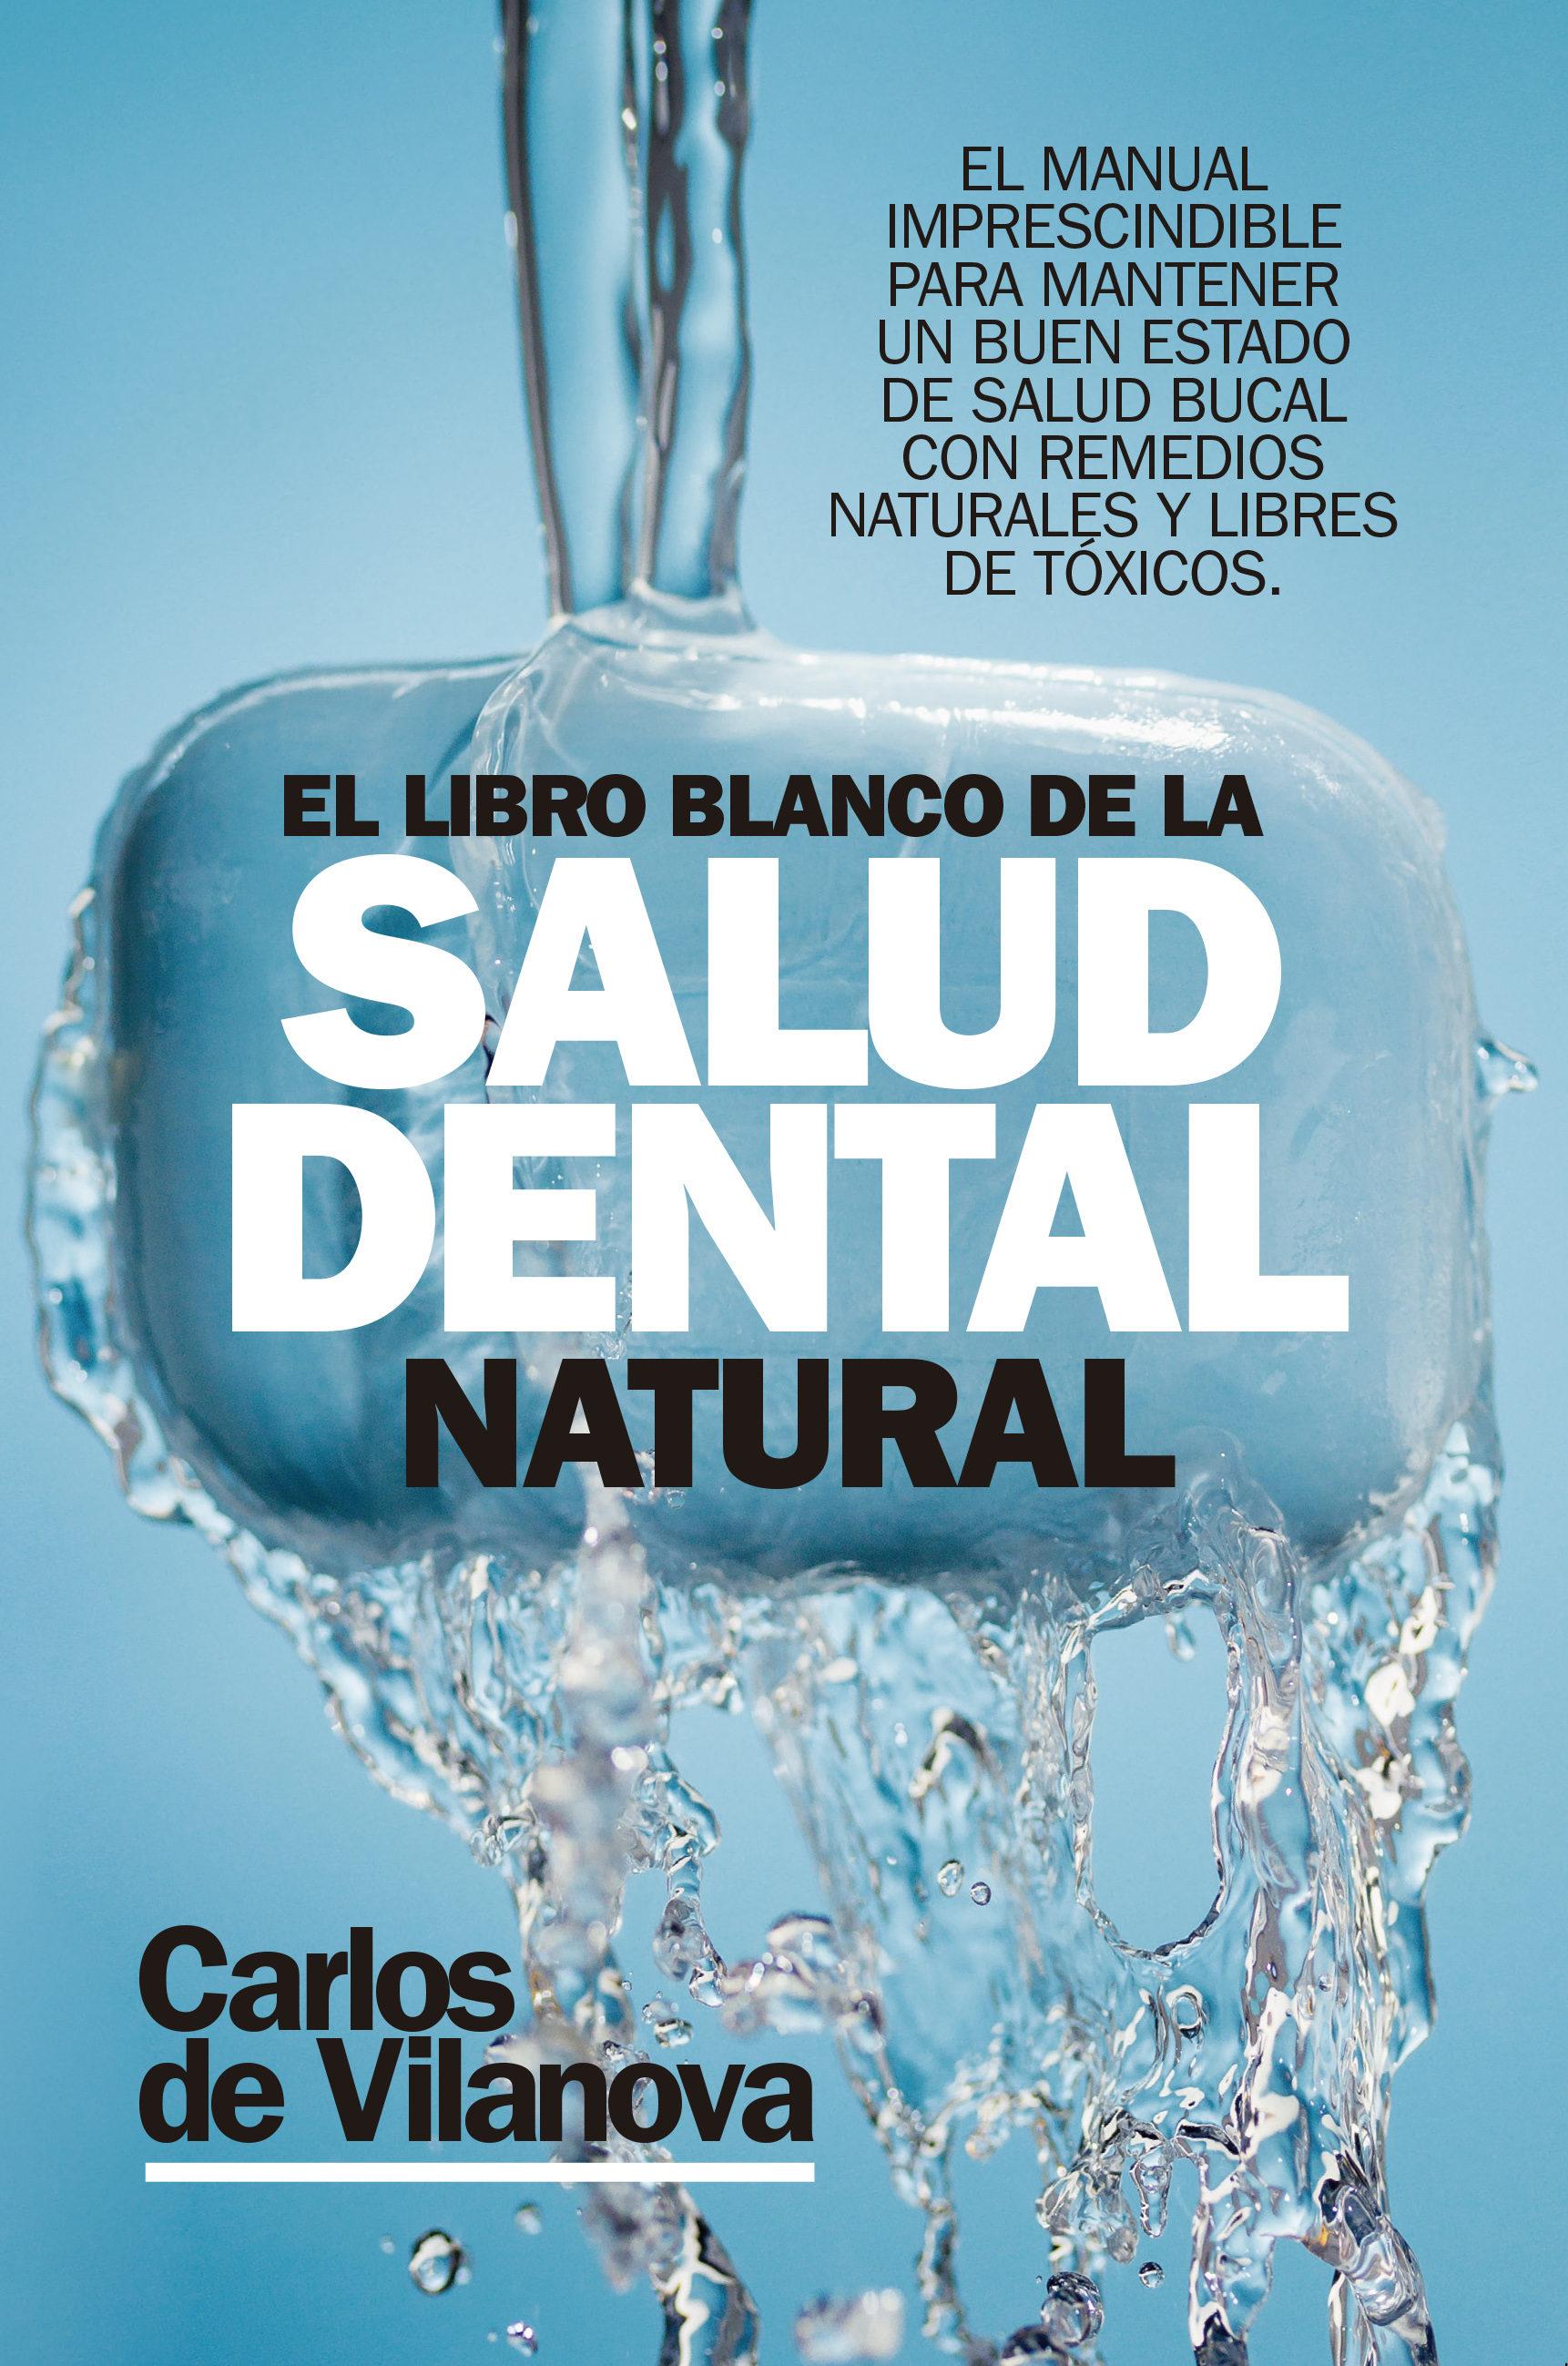 El Libro Blanco De La Salud Dental Natural por Carlos De Vilanova